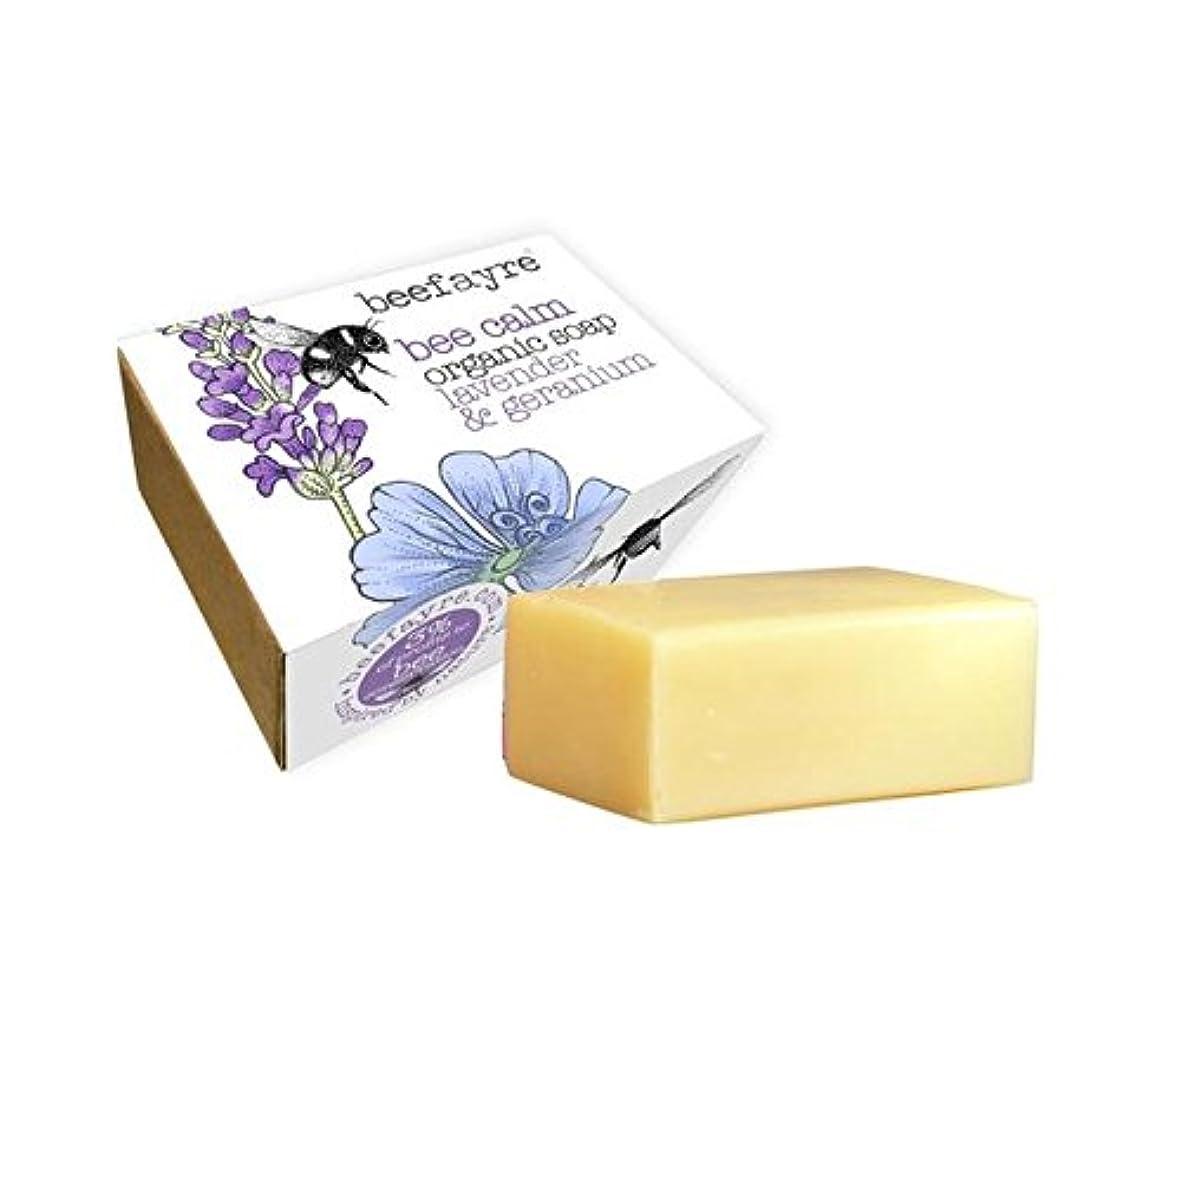 残り物飛躍縮約有機ゼラニウム&ラベンダー石鹸 x4 - Beefayre Organic Geranium & Lavender Soap (Pack of 4) [並行輸入品]